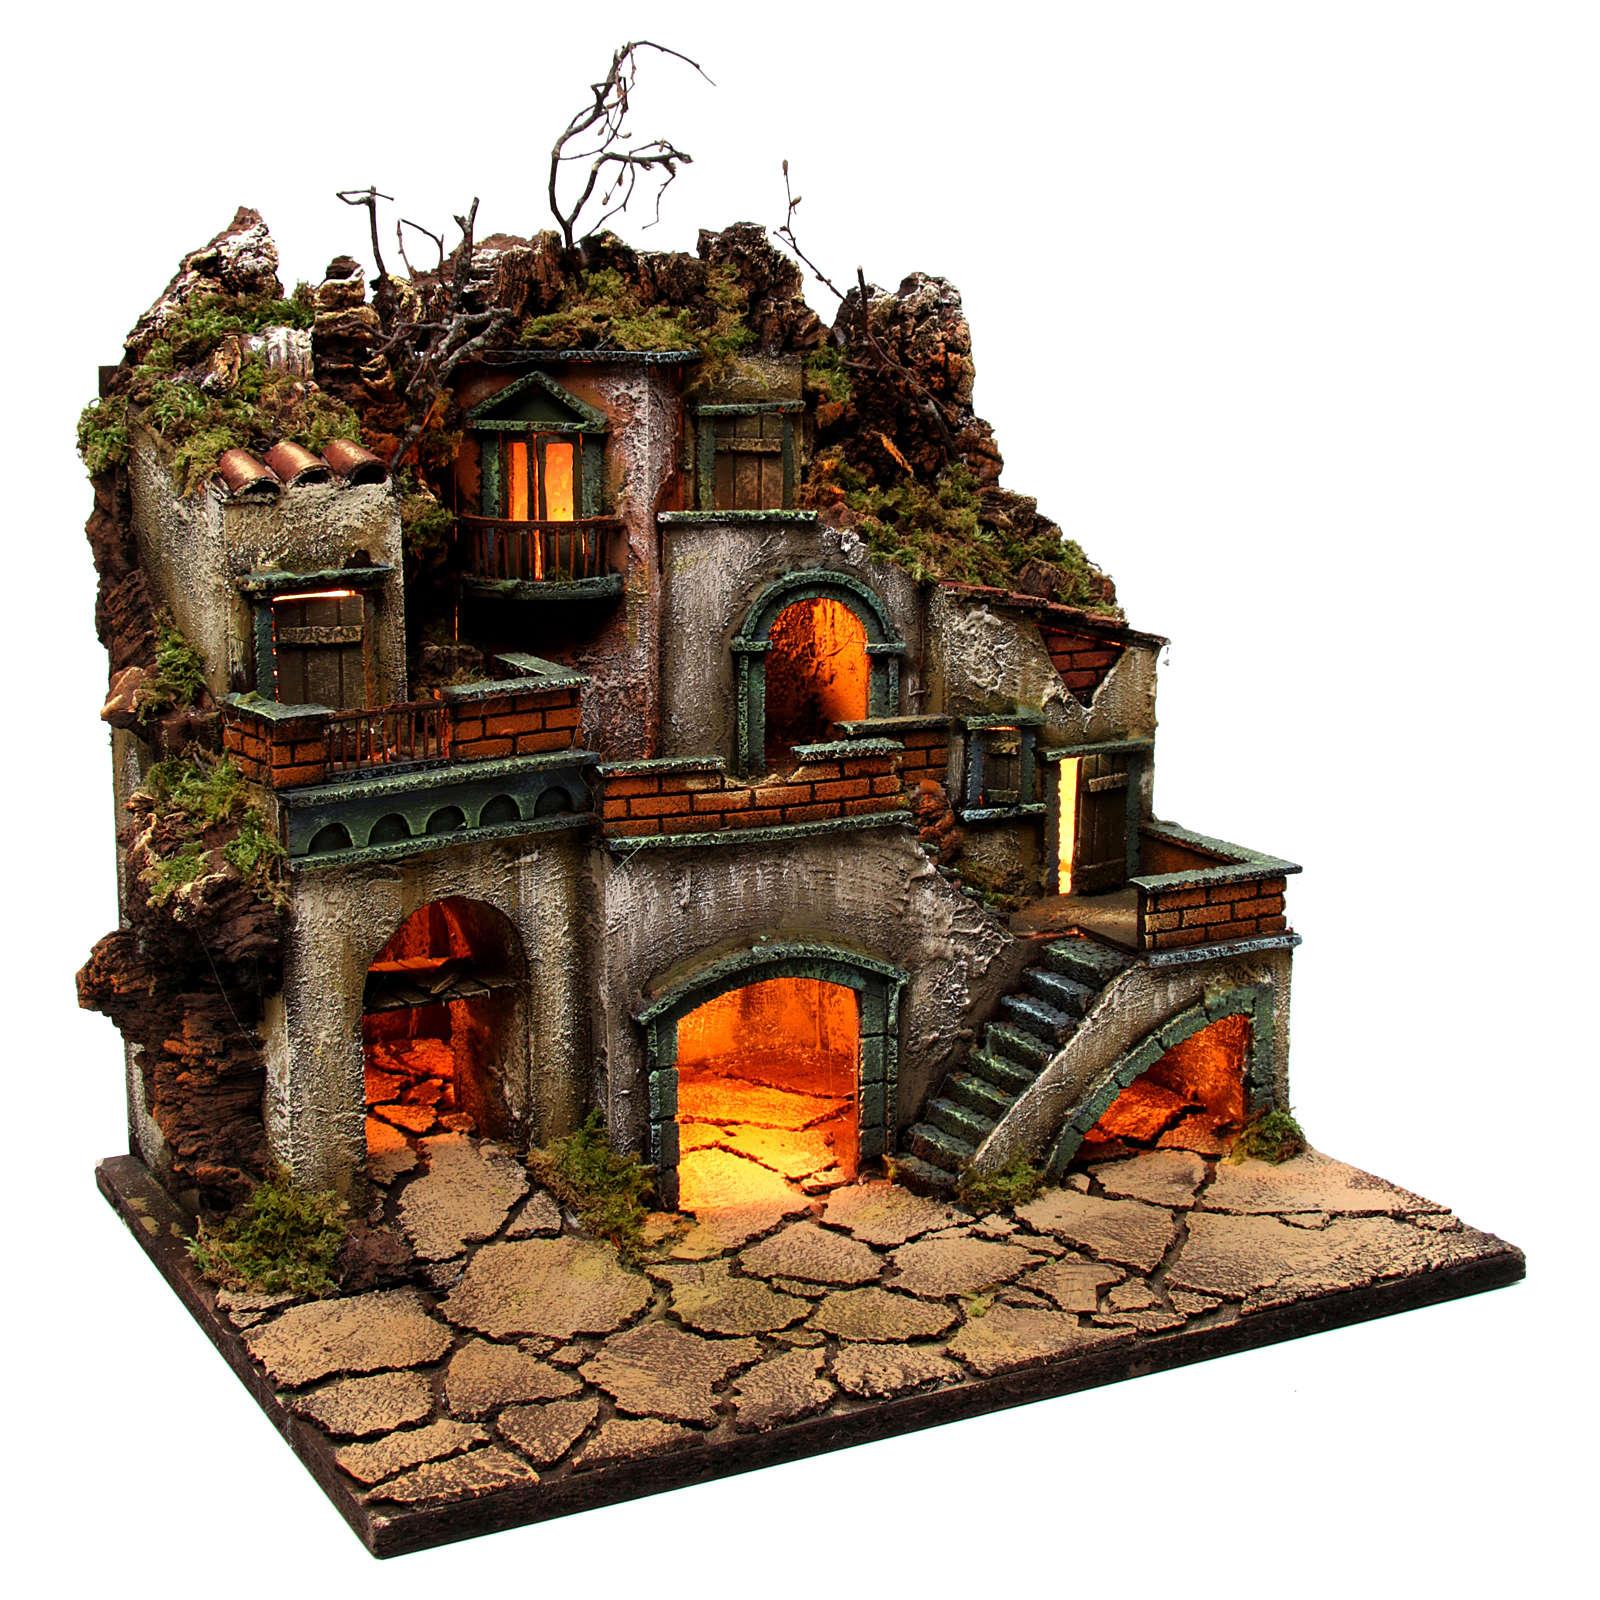 Borgo con luce per presepe napoletano di 6-8 cm 45x50x40 cm 4